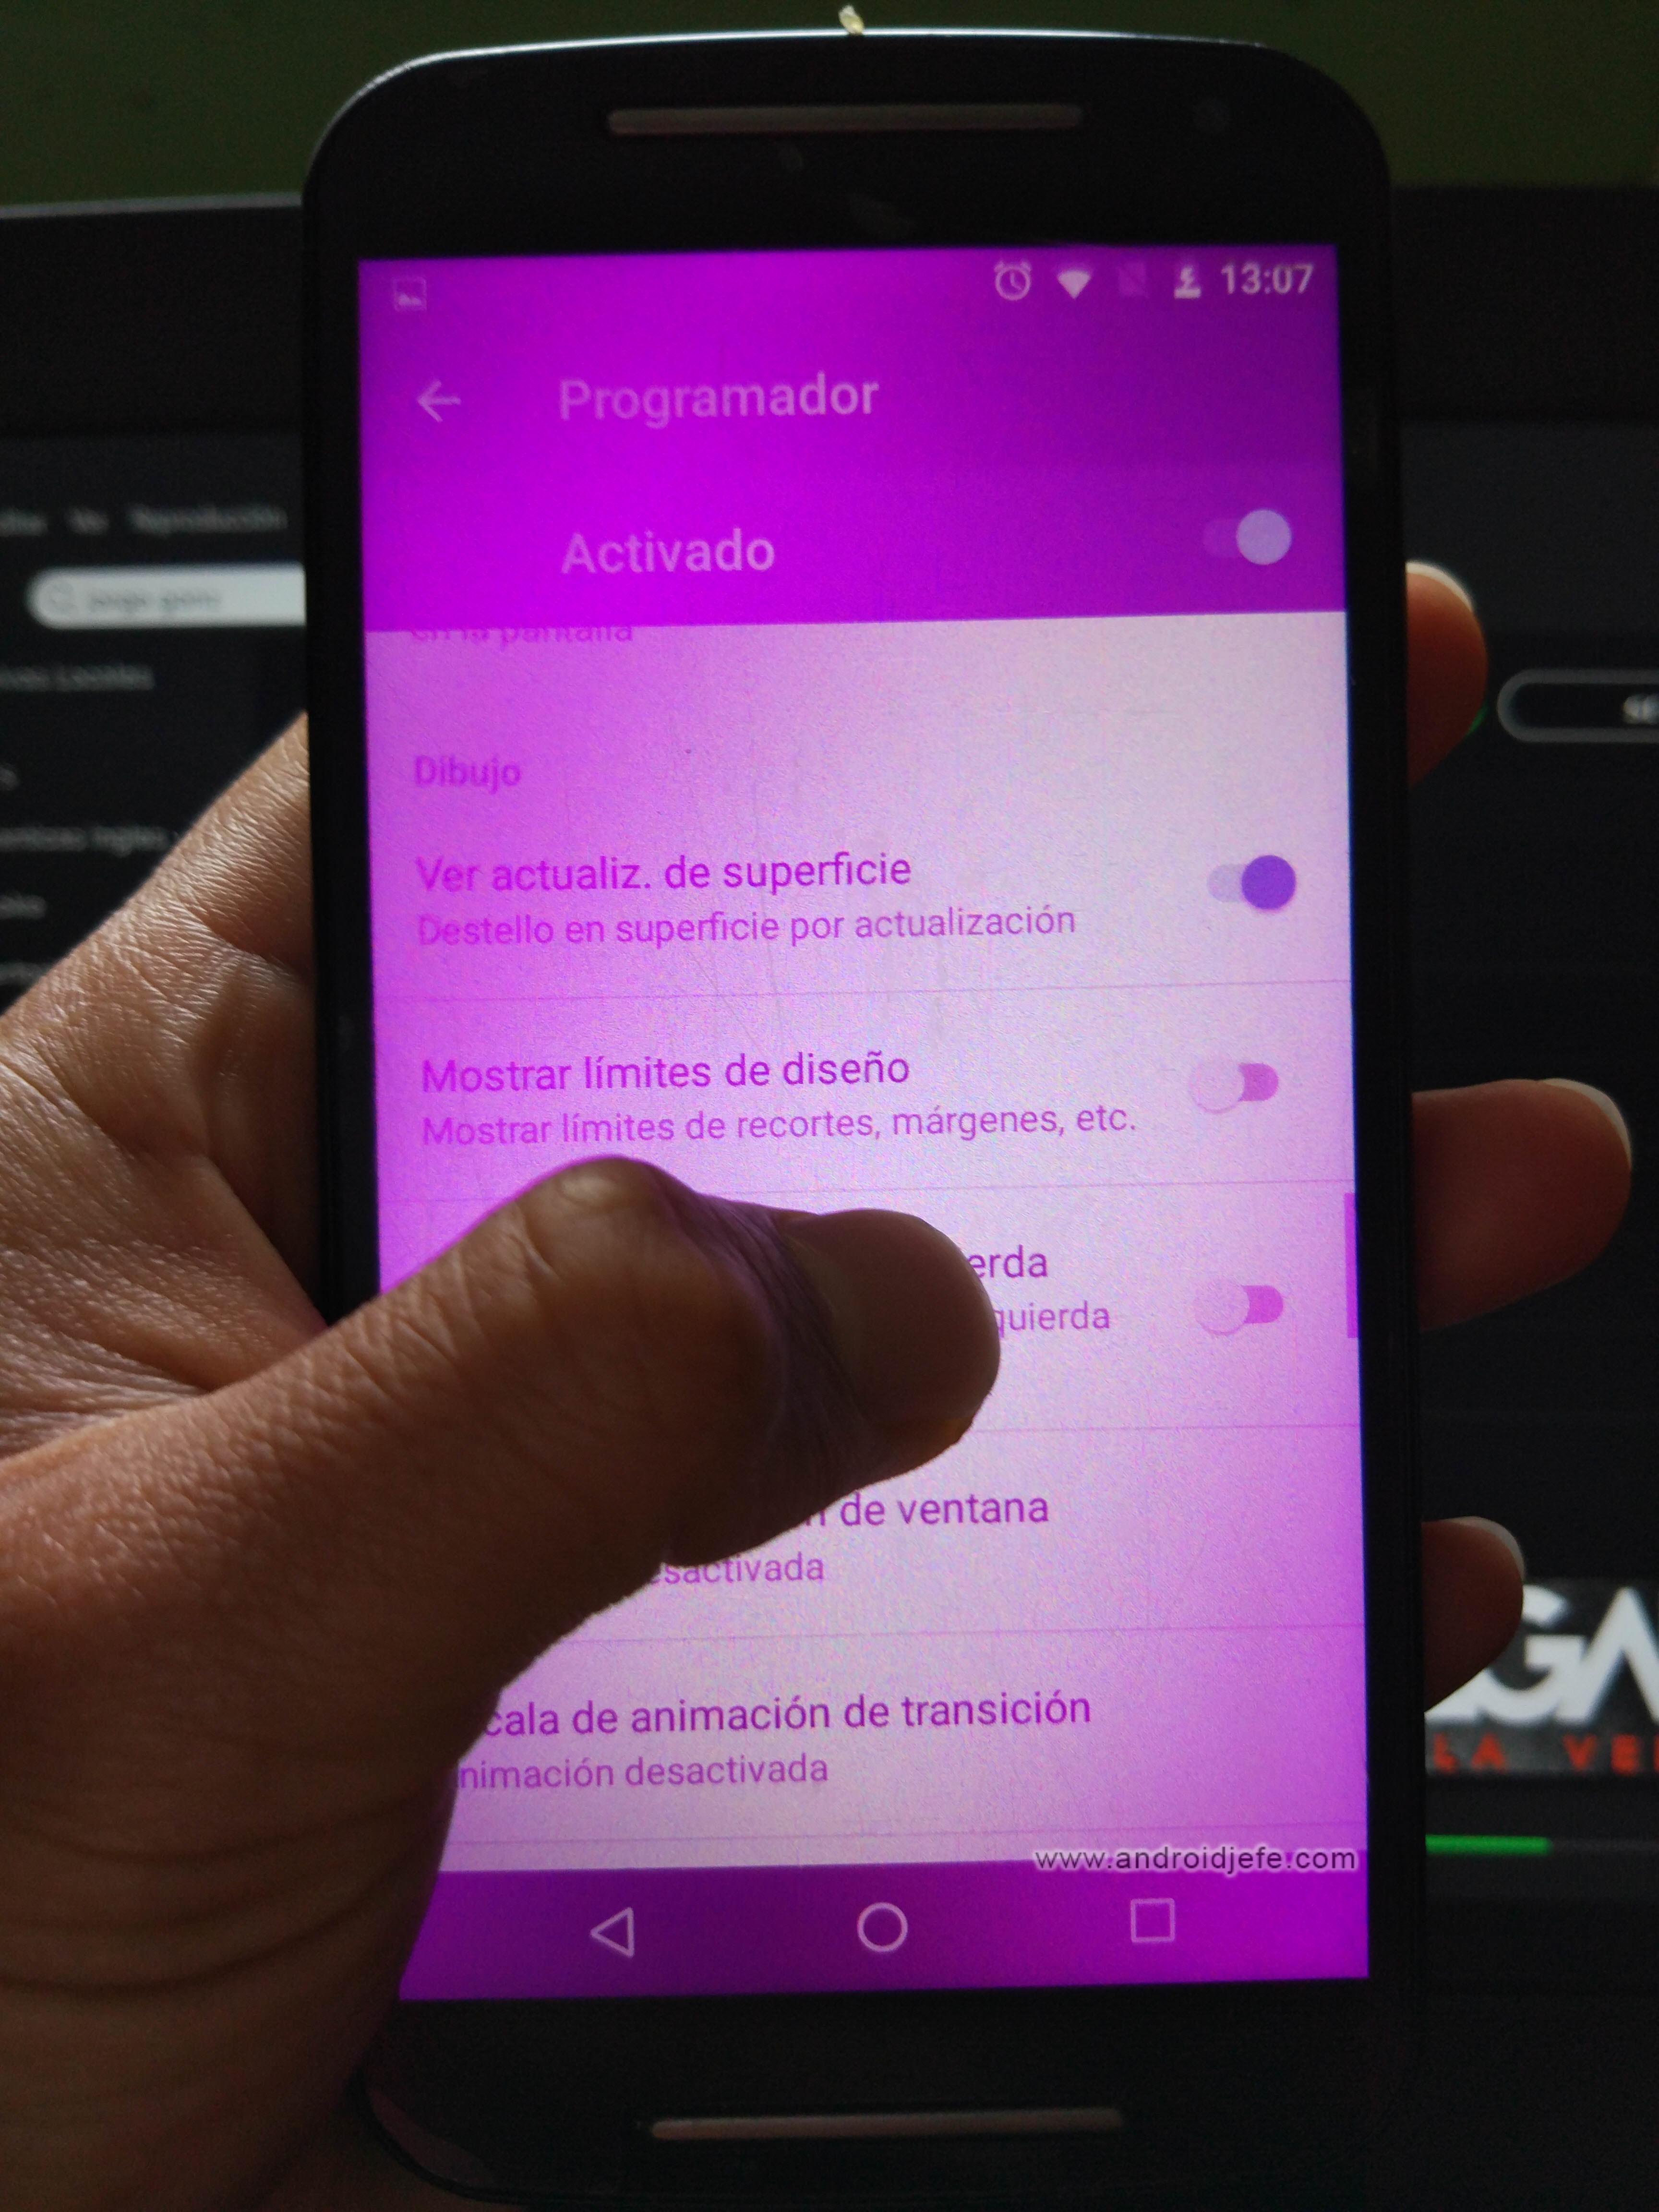 5 «errores» que se generan al manosear el menú PROGRAMADOR de Android